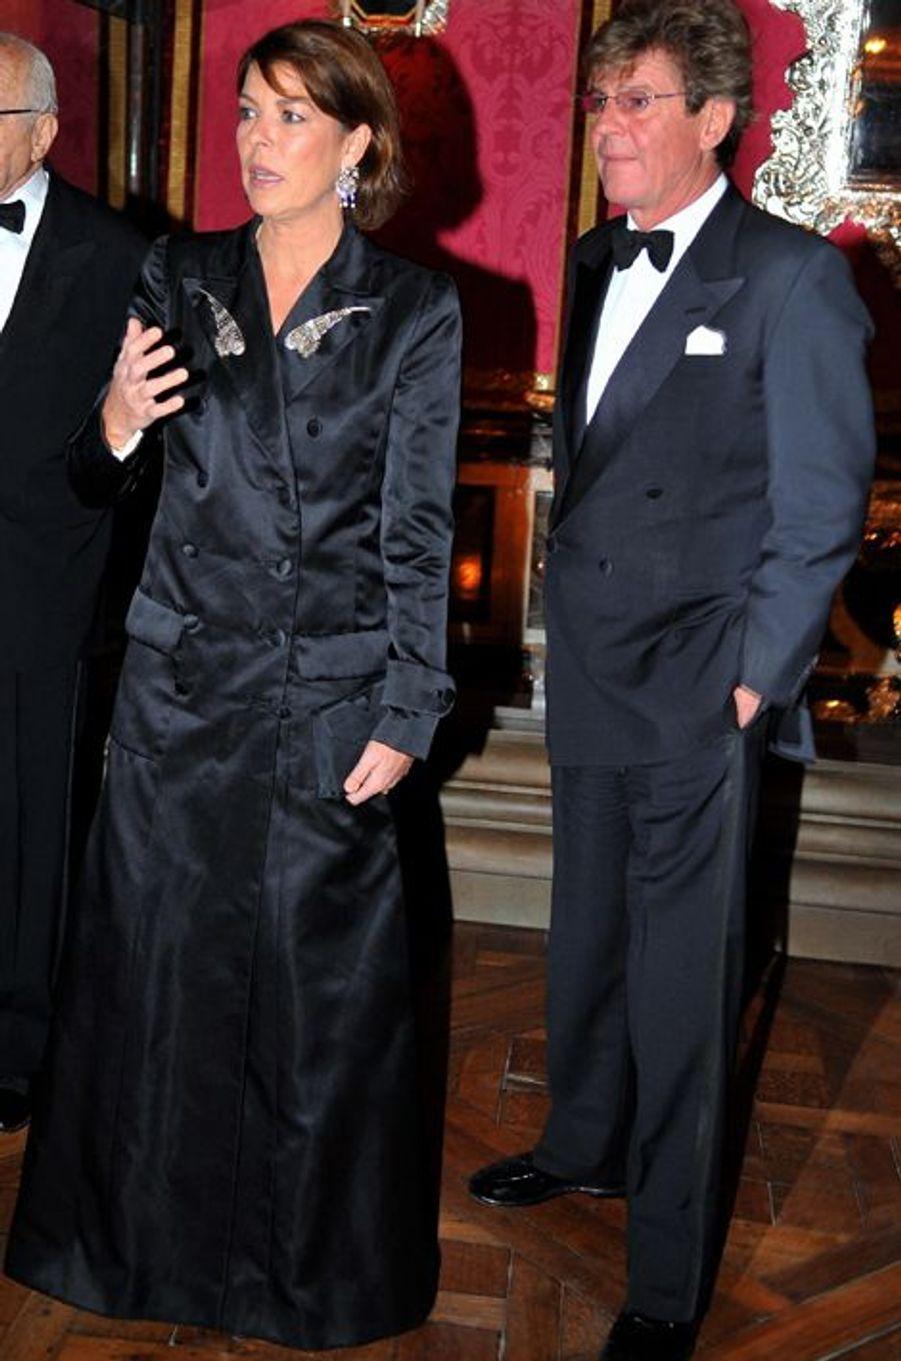 La princesse Caroline de Monaco avec le prince Ernst-August de Hanovre au château de Versailles, le 19 novembre 2007